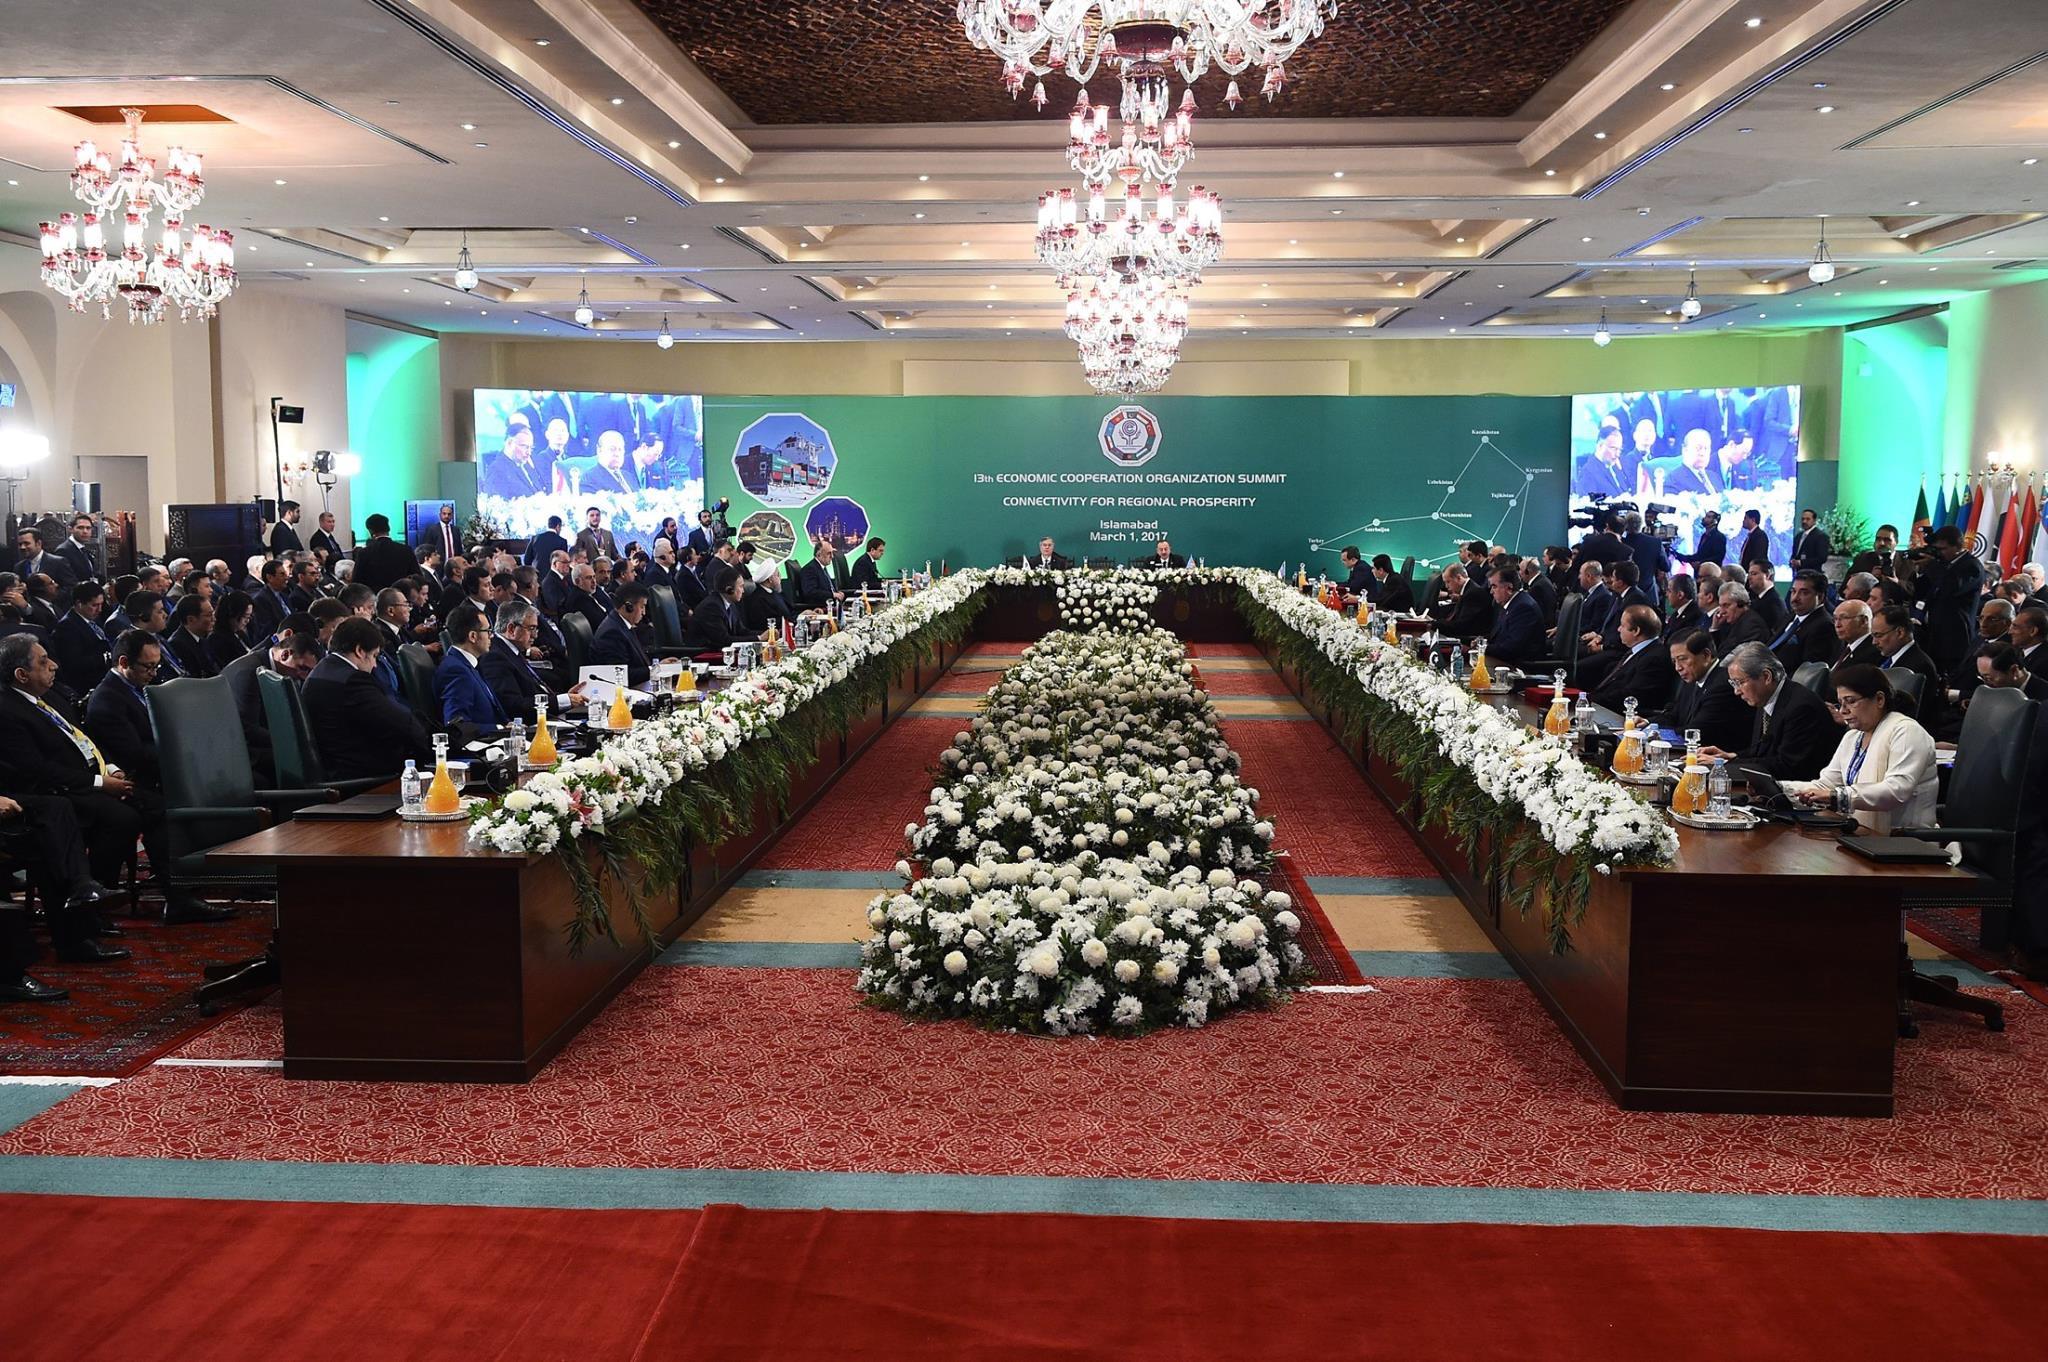 OECD summit